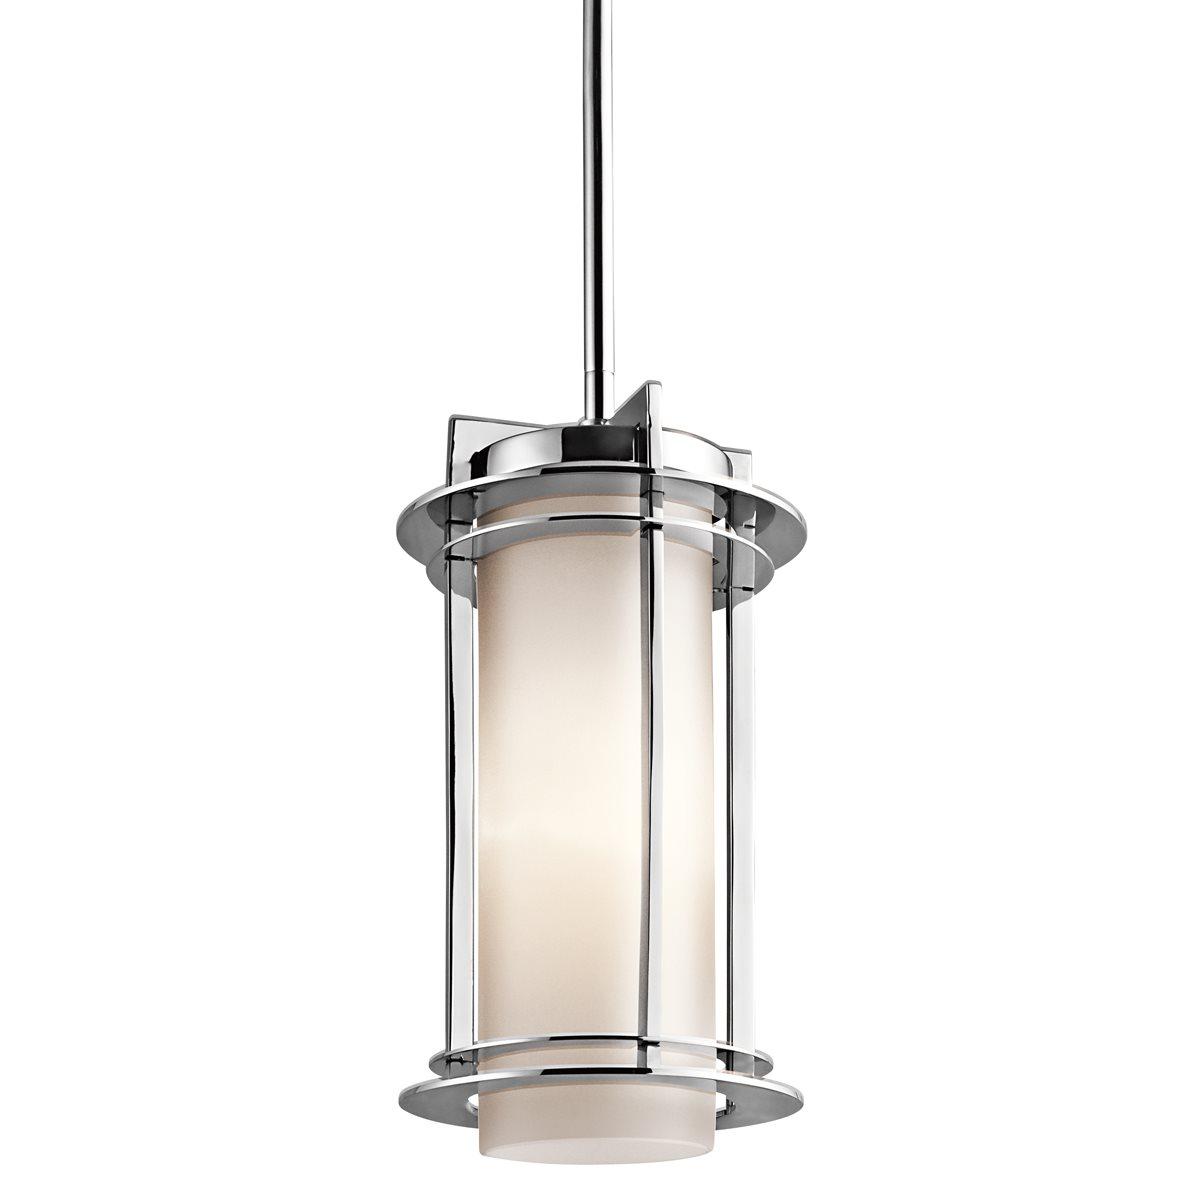 Modern Outdoor Pendant Lighting Fixtures